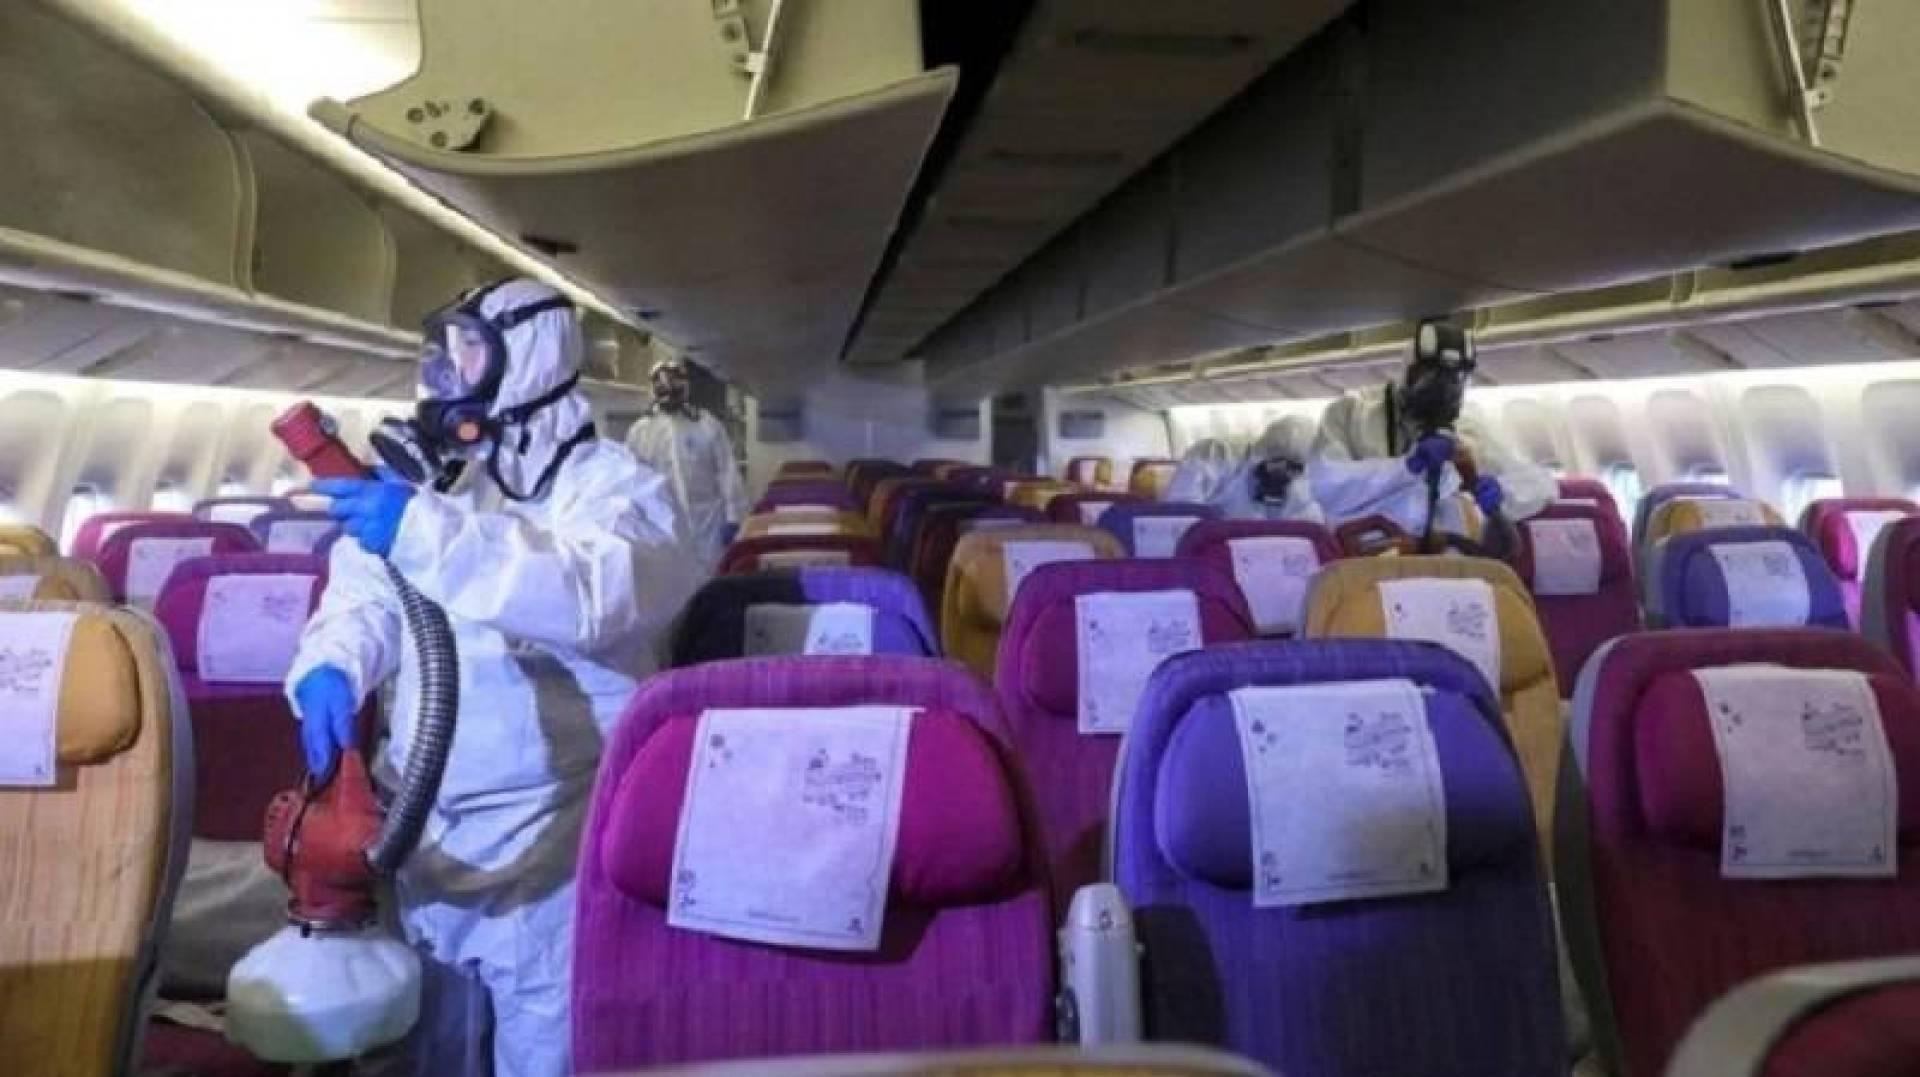 فيروس كورونا سيكبد شركات الطيران 29 مليار دولار